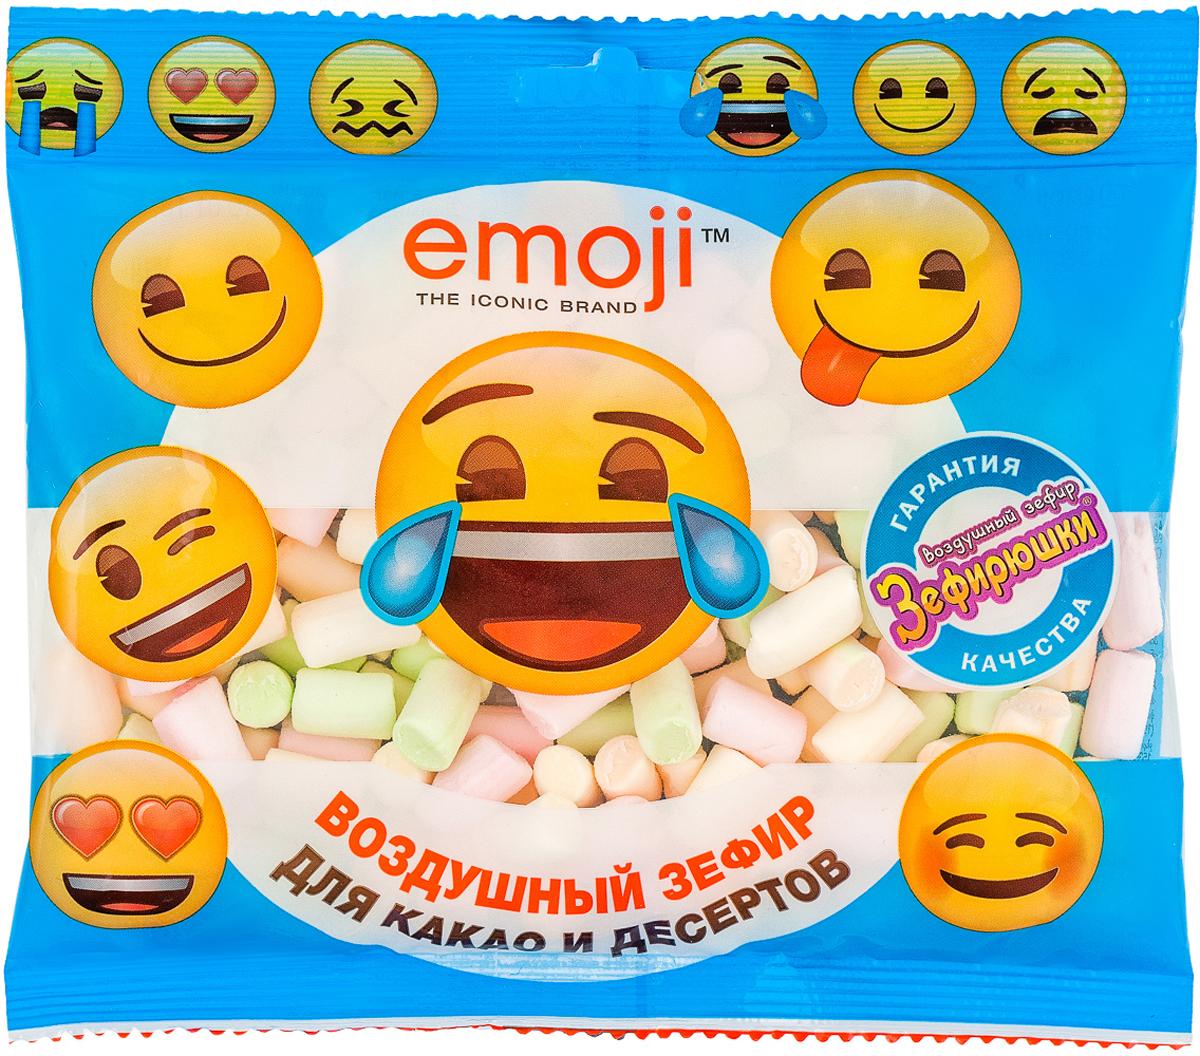 Emoji воздушный зефир, 40 гZF-10-8Разноцветный воздушный зефир Emoji от ГК Сладкая Сказка - вкусное угощение, которое одинаково нравится как детям, так и взрослым. Маршмеллоу содержит только натуральные ингредиенты. Кроме того, в нем отсутствуют жиры, так что полакомиться им смогут и те, кто придерживается диет и правильного питания.Разноцветные кусочки зефира с оттенками зеленого, желтого, розового и оранжевого цветов поднимут настроение и сделают напитки и десерты еще более аппетитными. Воздушный зефир можно употреблять как самостоятельное лакомство, так и добавлять в мороженое, фруктовые салаты, сладкие пиццы, выпечку, горячие напитки, молочные коктейли и в монстр-шейки. 40-граммовые упаковки воздушного зефира представлены в трех вариантах дизайна - синей, желтой и оранжевой пачках с изображением эмоций. Разноцветный воздушный зефир производится на российской фабрике, оснащенной линиями по производству маршмеллоу.